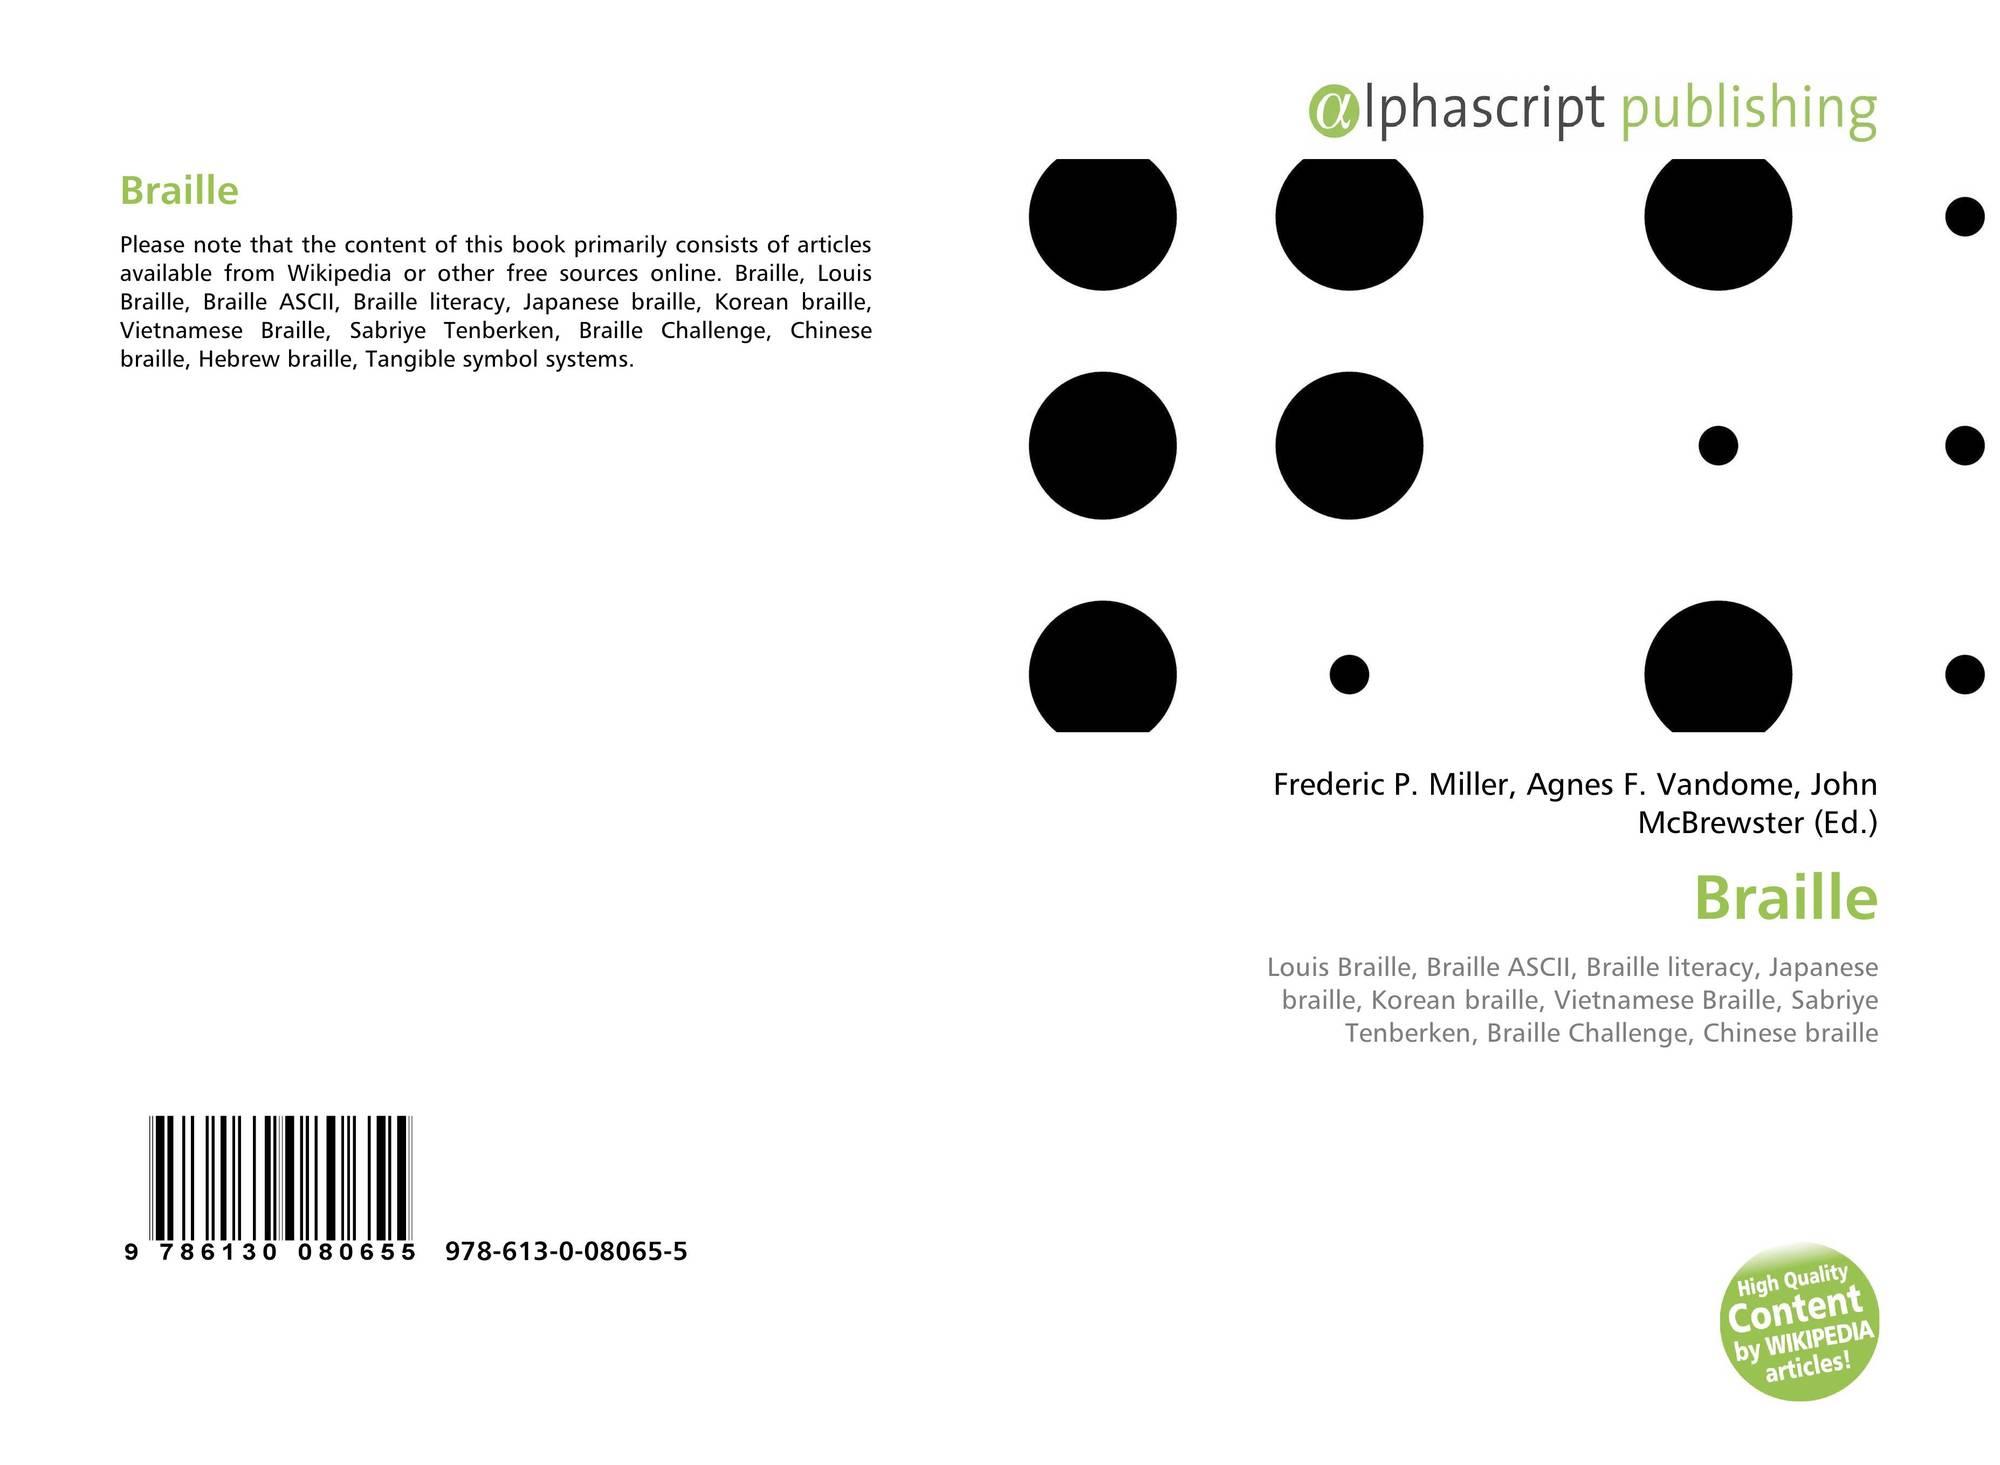 Braille, 978-613-0-08065-5, 6130080654 ,9786130080655